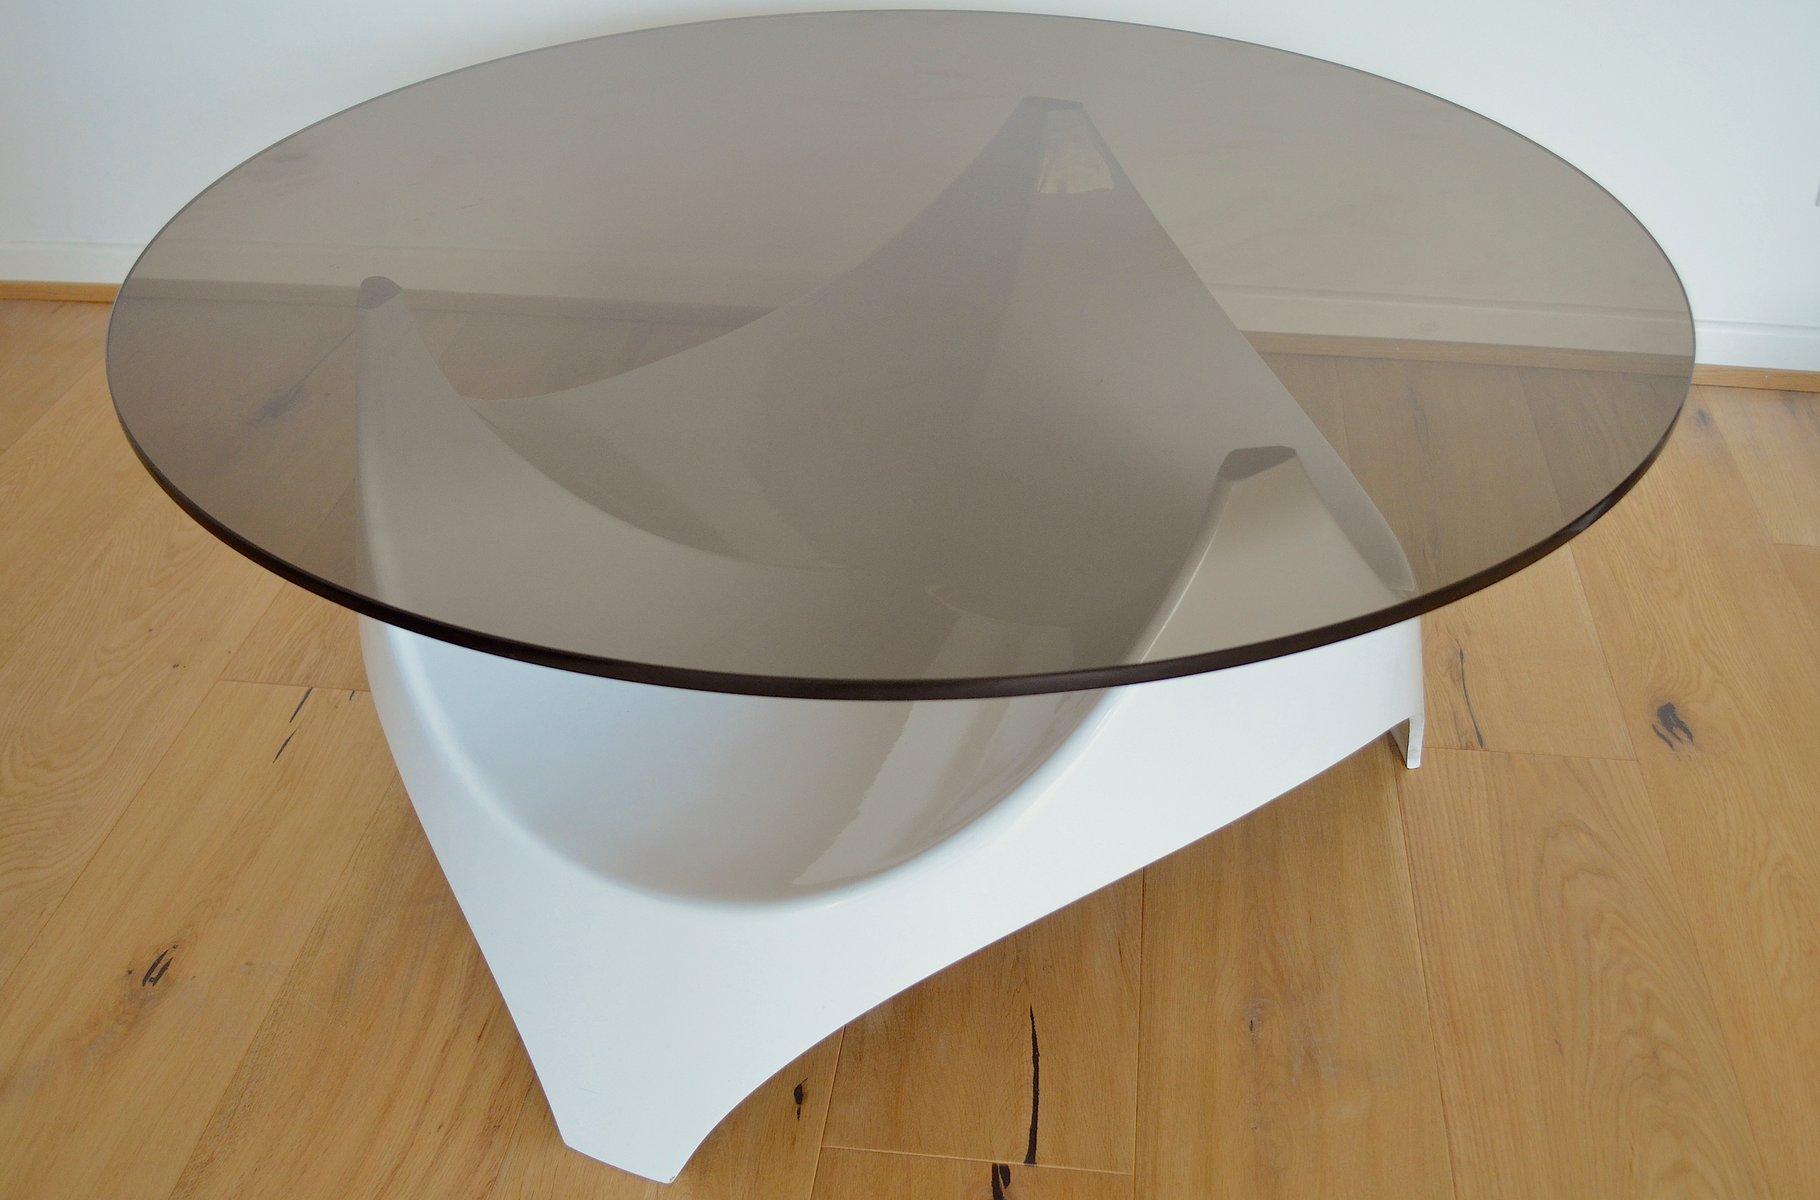 mid century couchtisch mit tischplatte aus rauchglas von opal m bel 1960er bei pamono kaufen. Black Bedroom Furniture Sets. Home Design Ideas